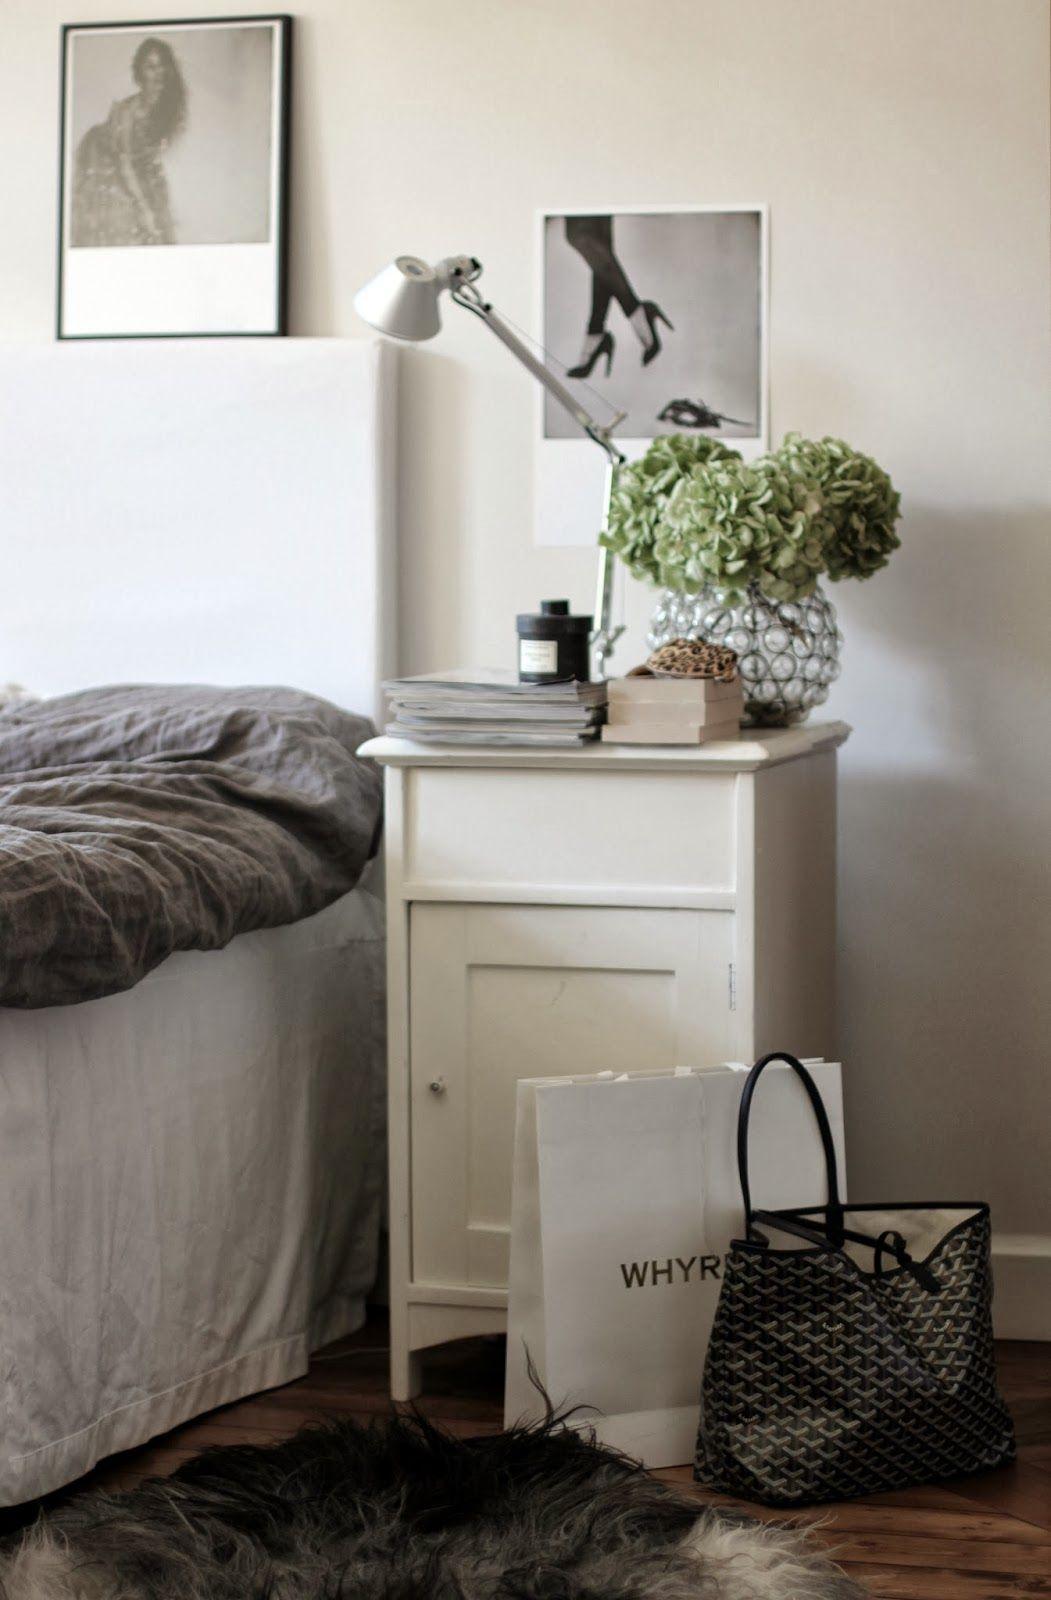 Fint och annorlunda sängbord?